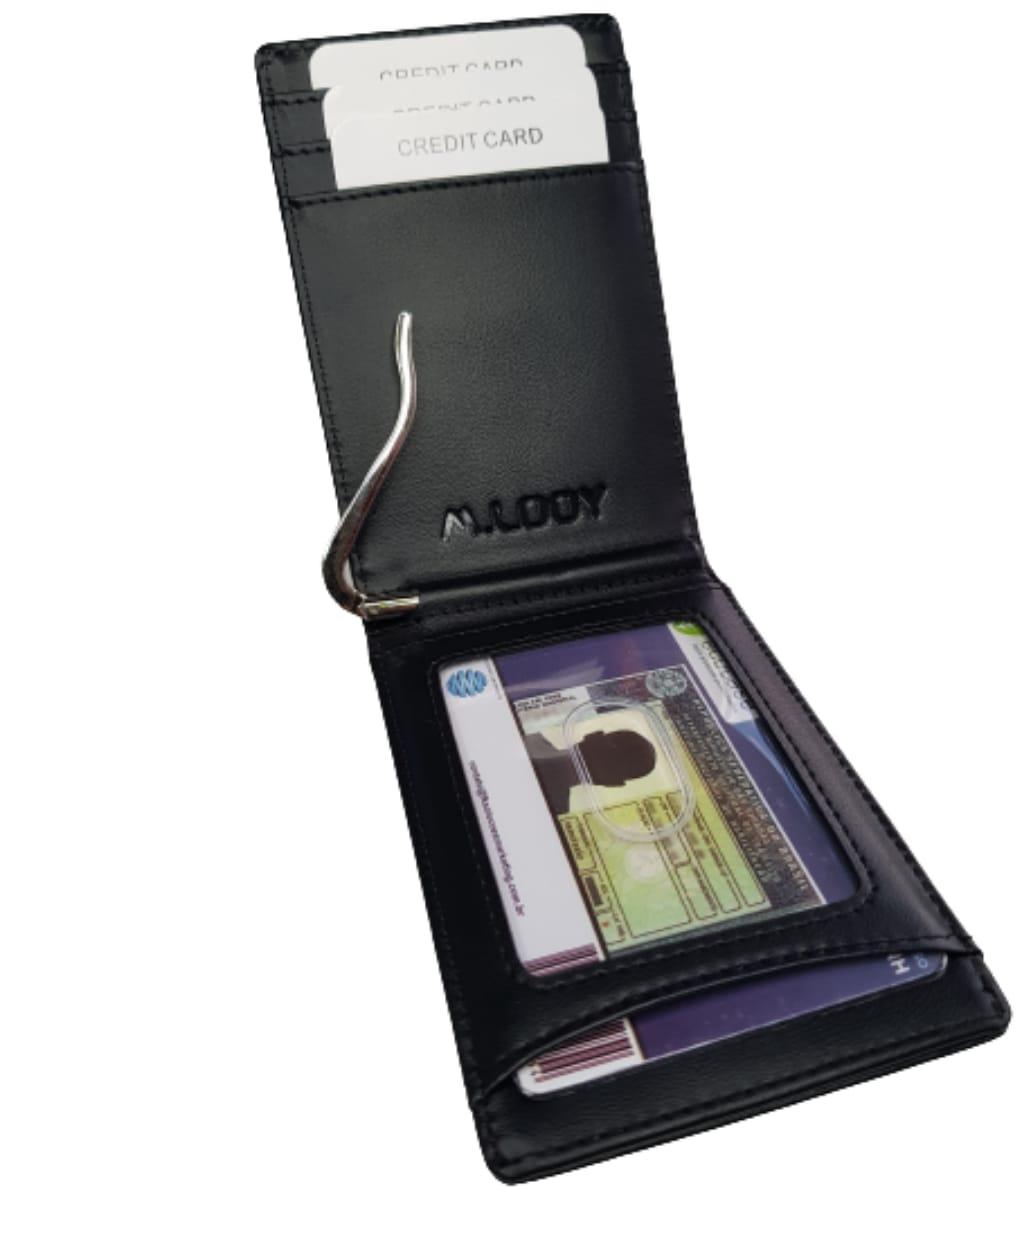 Carteira Slim Antifurto Rfid com Grampo para Dinheiro